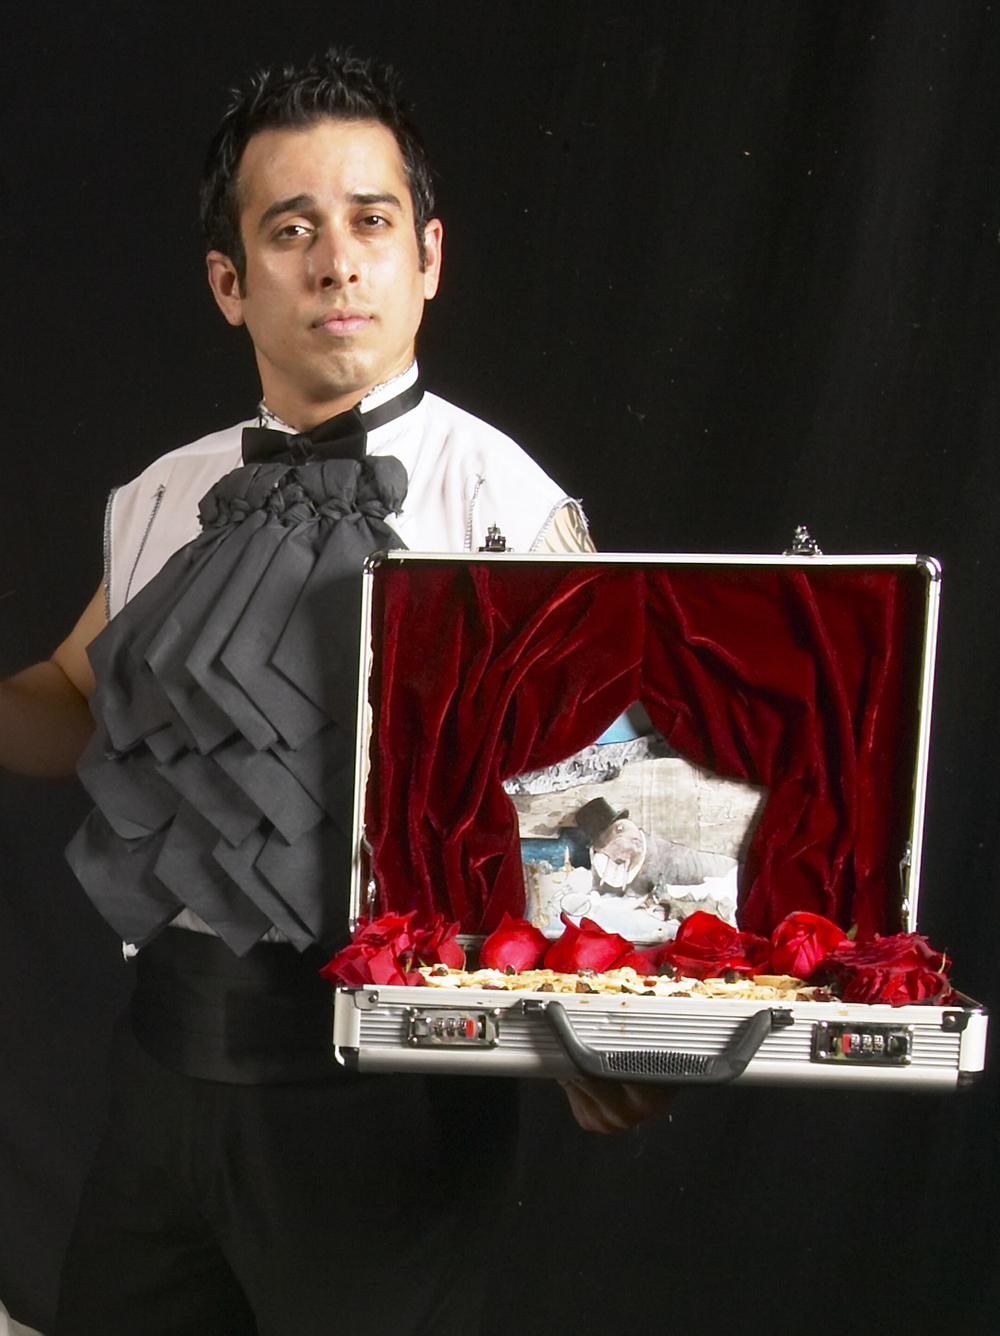 The Briefcase Server